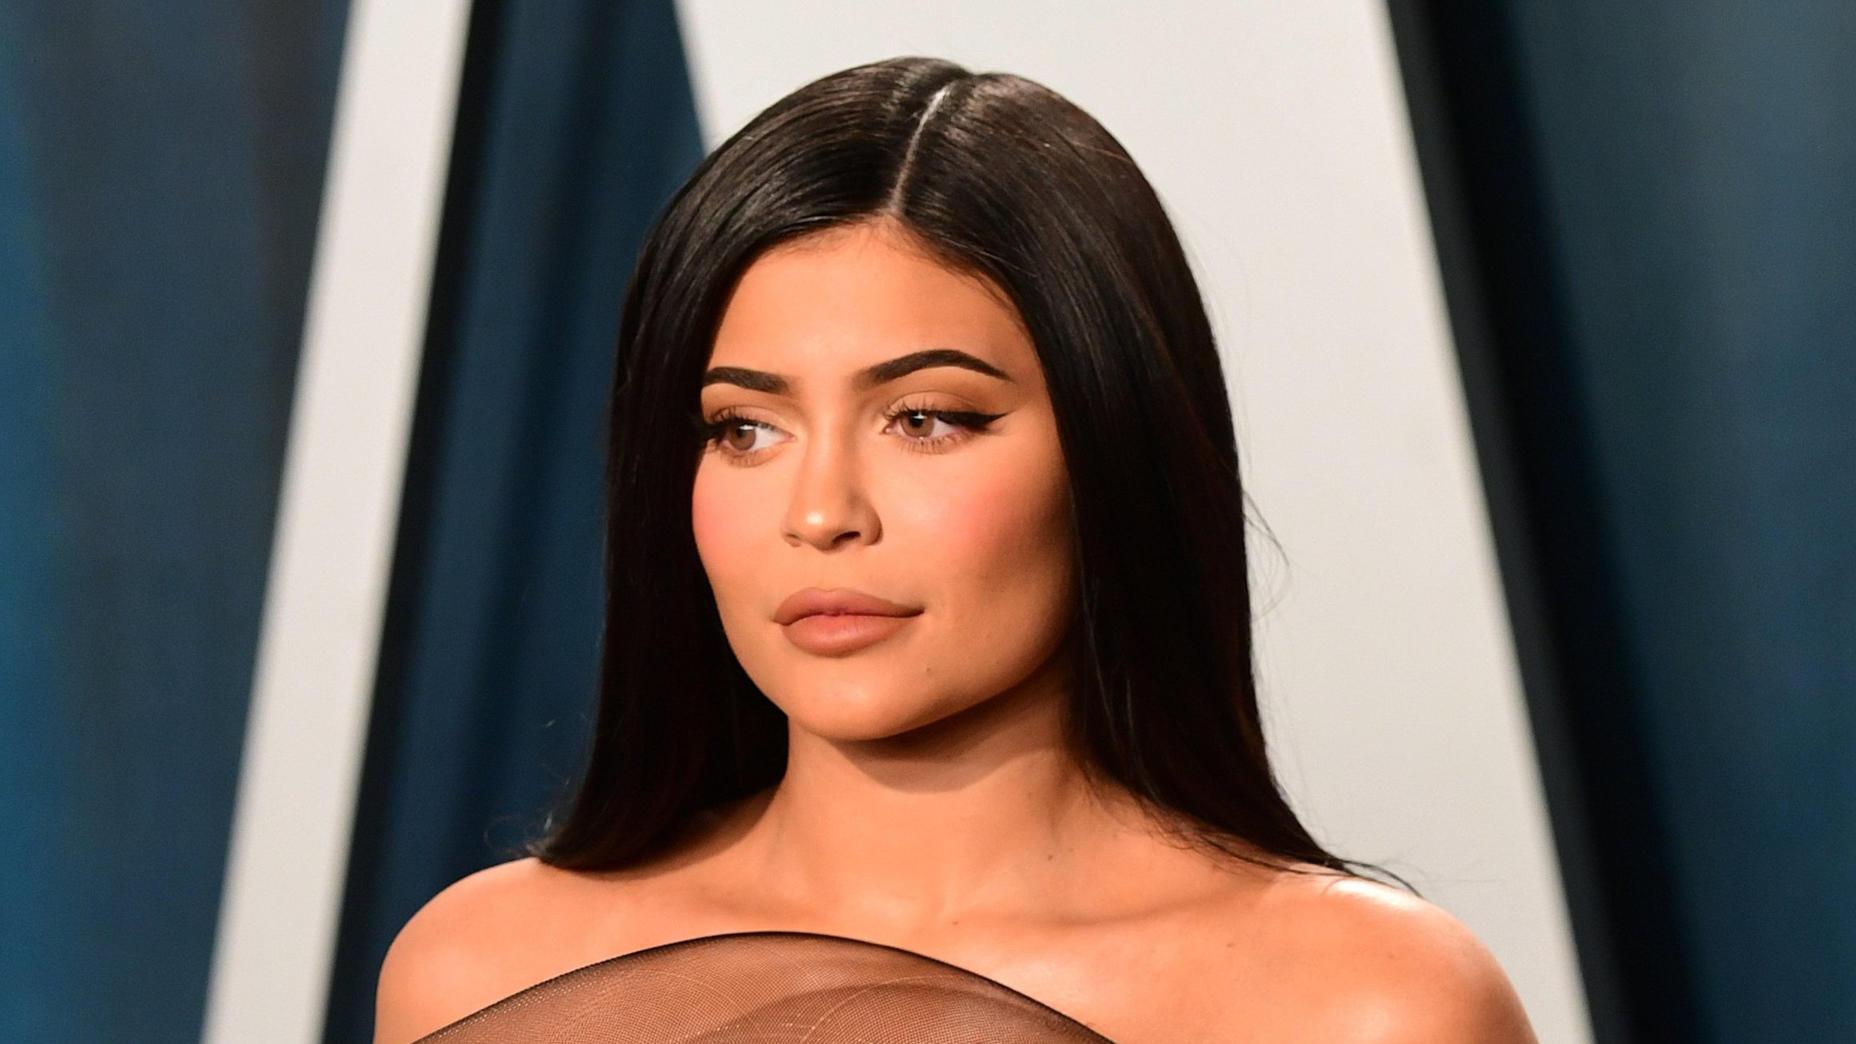 Kylie Jenner ist sauer auf Kim Kardashian - wegen diesem Throwback-Schnappschuss